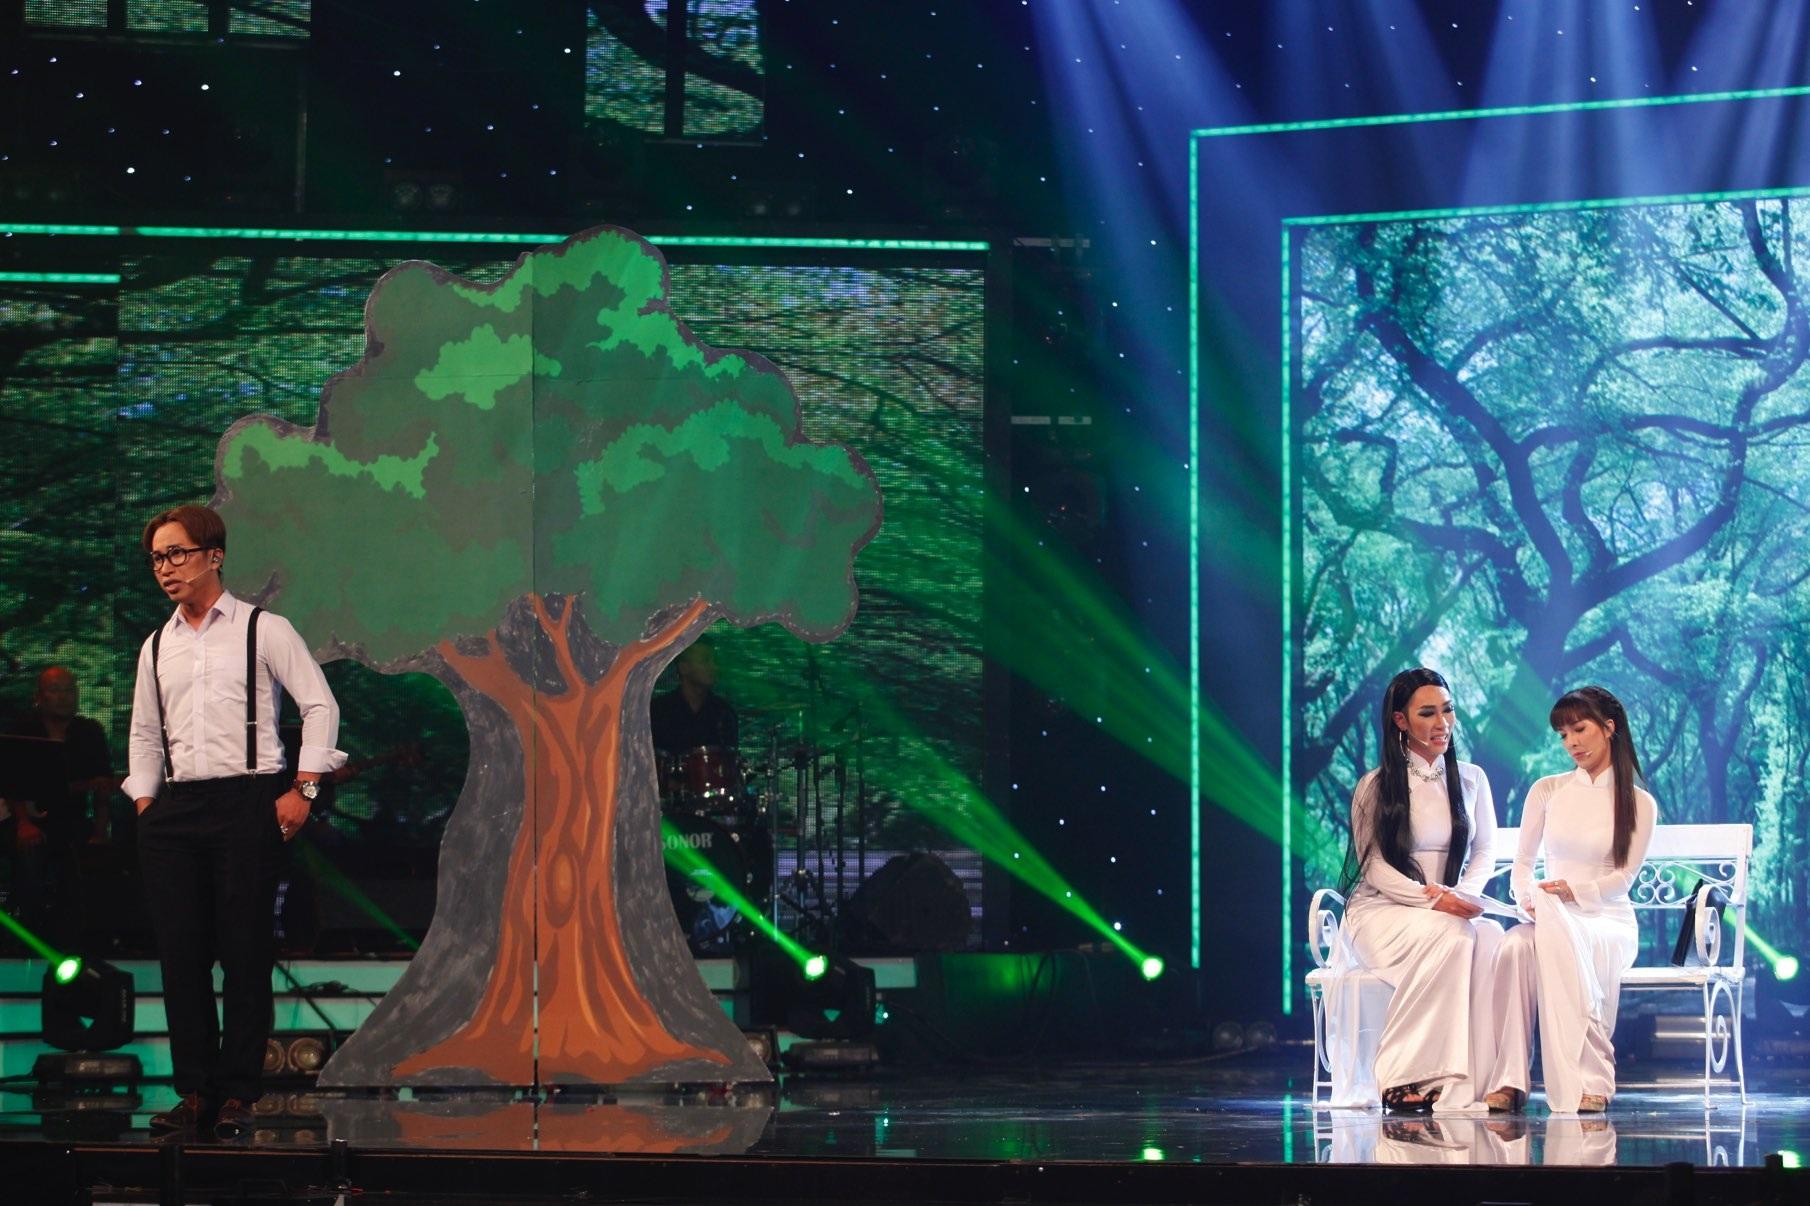 Nhóm Trà Đá cũng có những giây phút khó quên khi thể hiện một đoạn ngắn nhạc kịch hoành tráng ở sân khấu Got Talent.